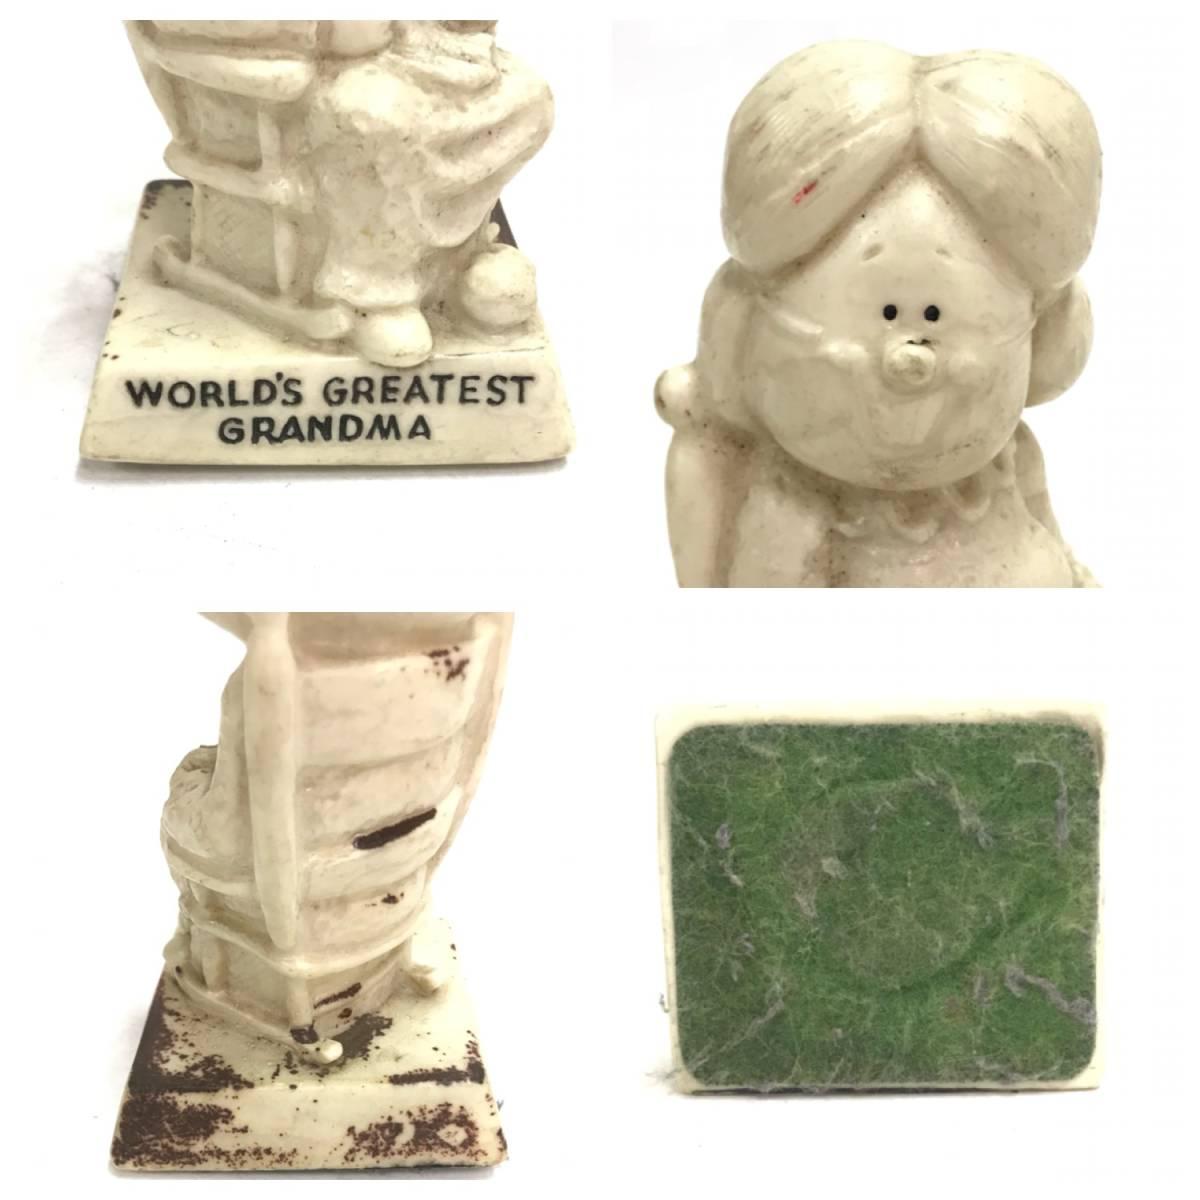 メッセージドール WORLD'S GRATEST GRANDMA シリースカルプス インテリア 小物 雑貨 置物 レトロ オールド ビンテージ アンティーク D-1385_画像4